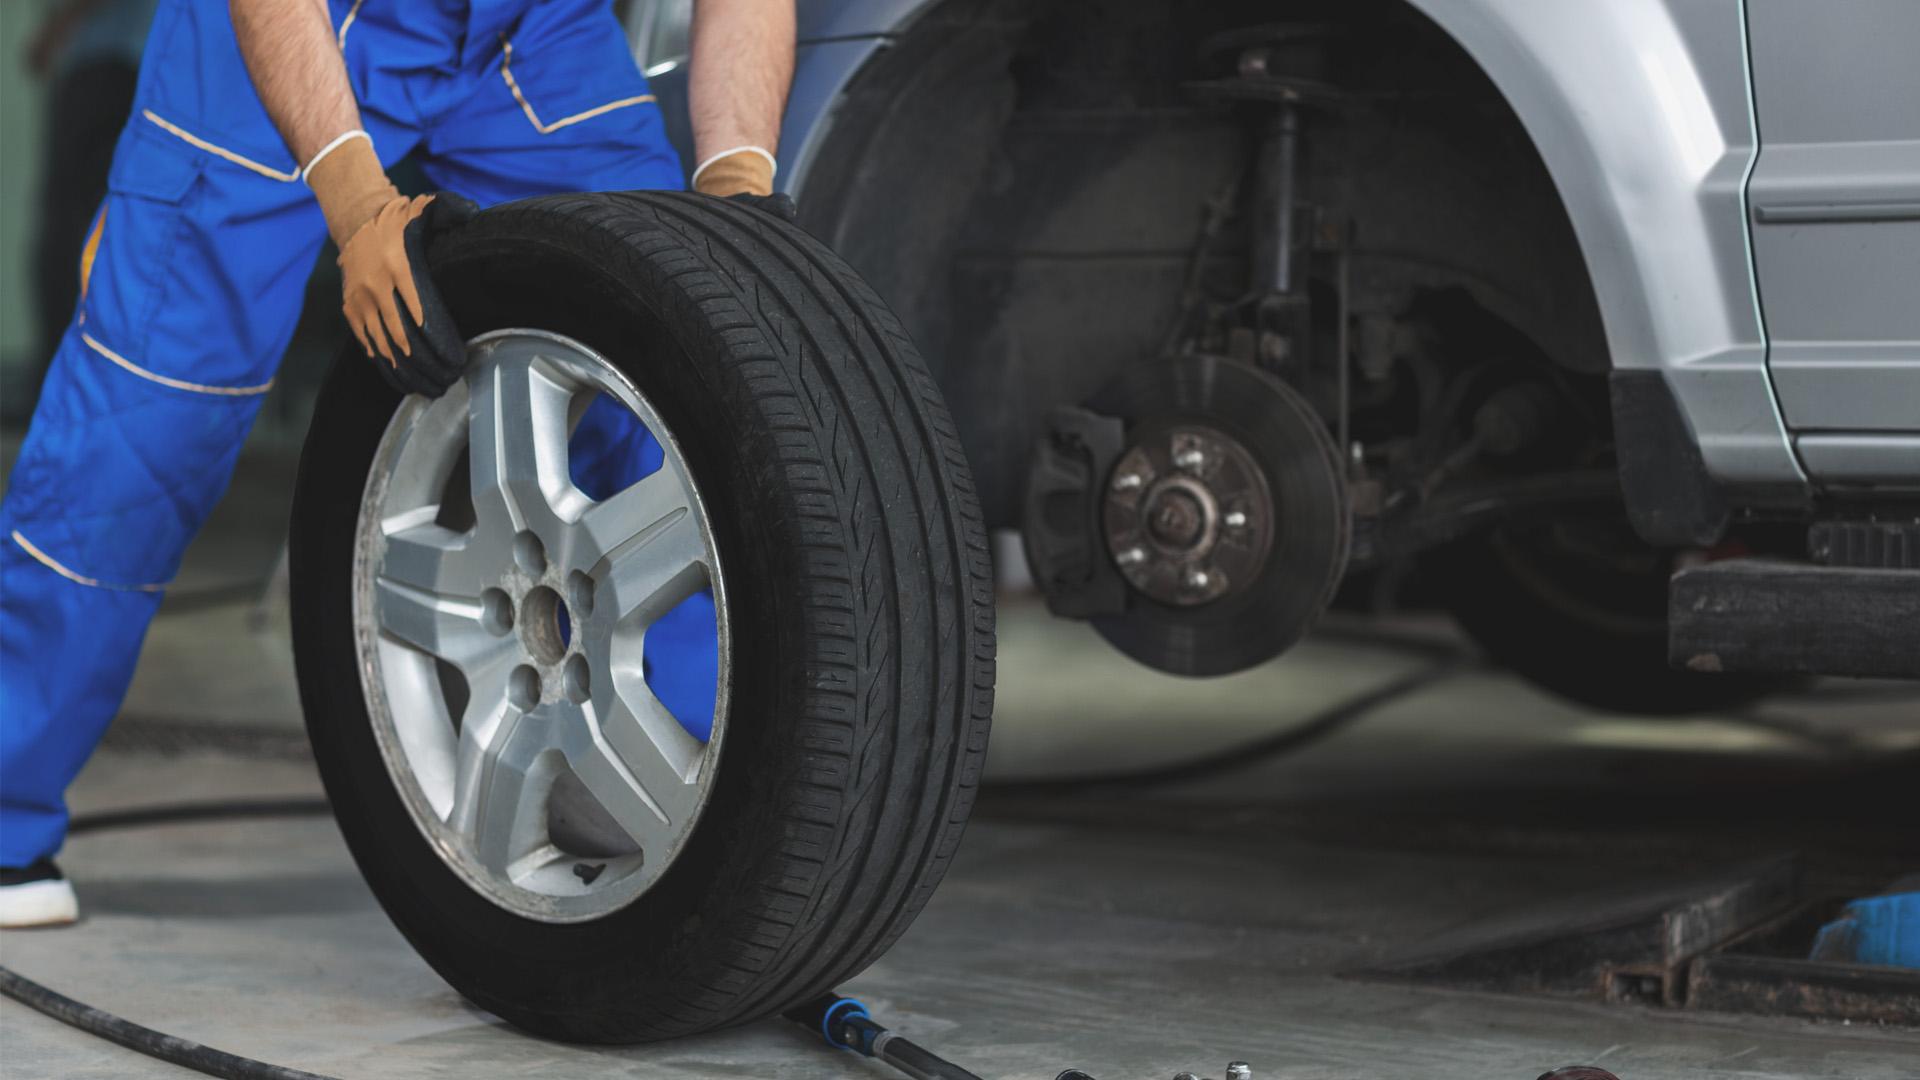 Mechanic replacing car tires